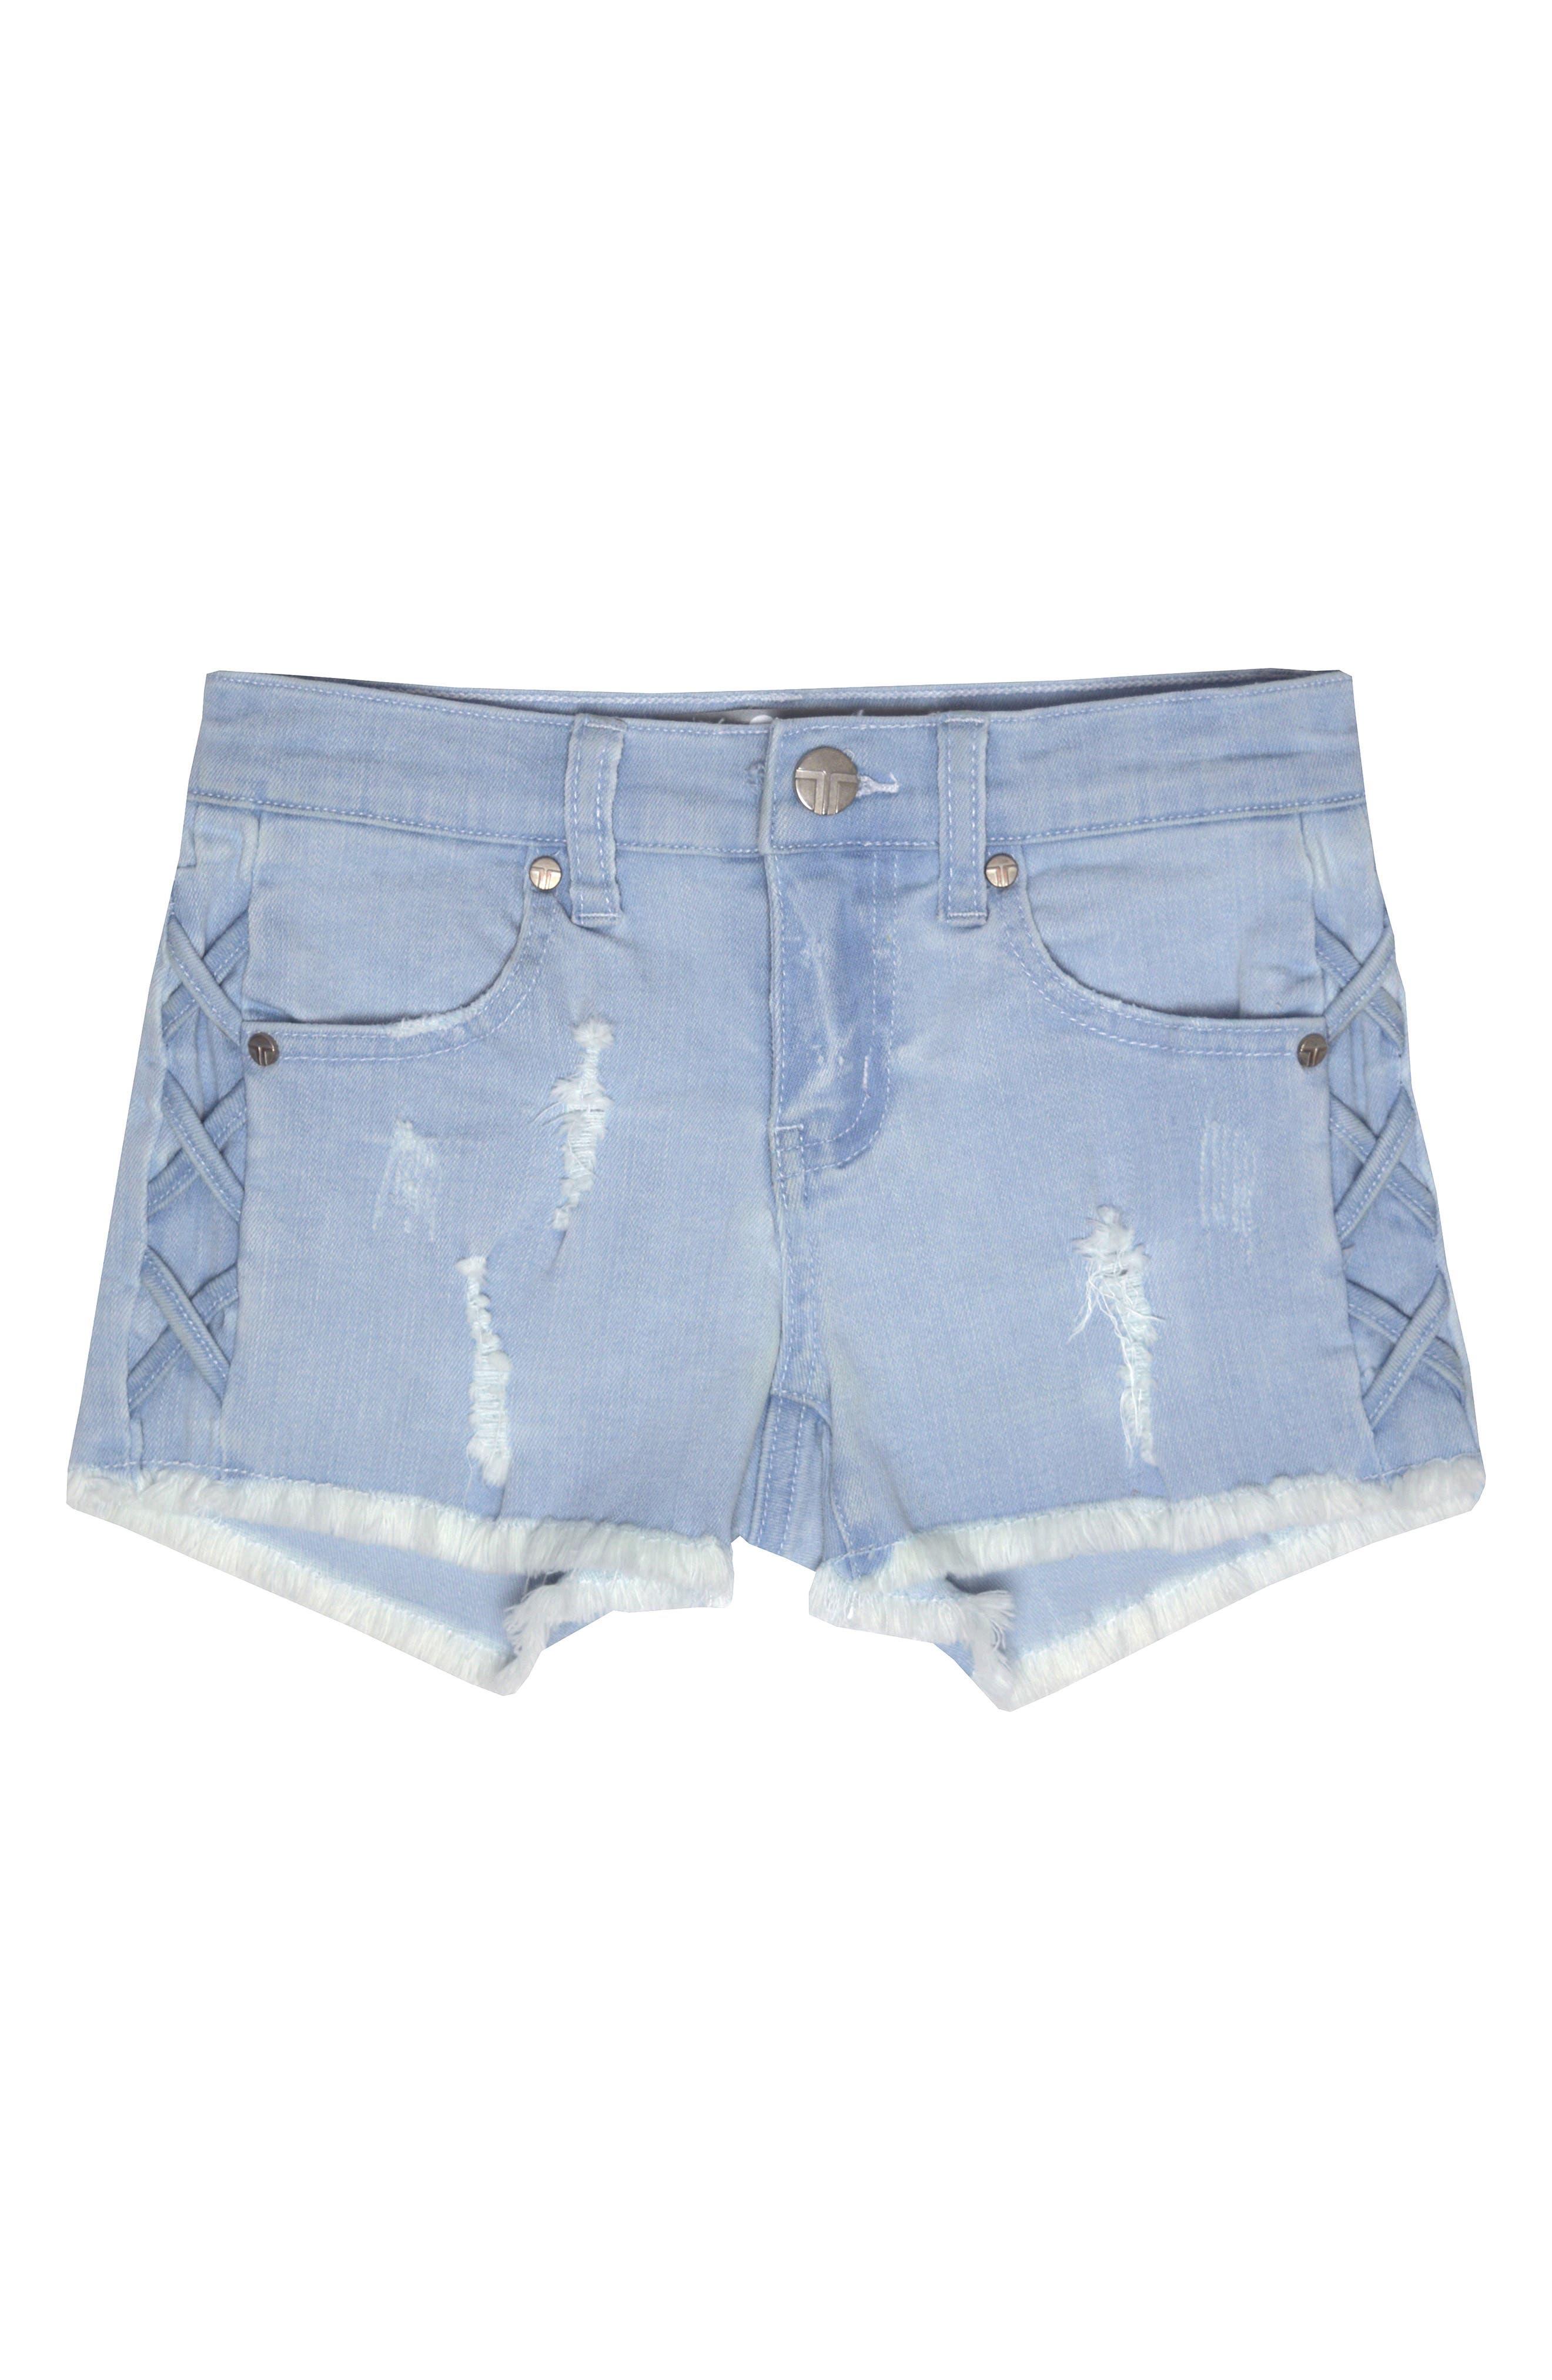 Distressed Cutoff Denim Shorts,                             Main thumbnail 1, color,                             461